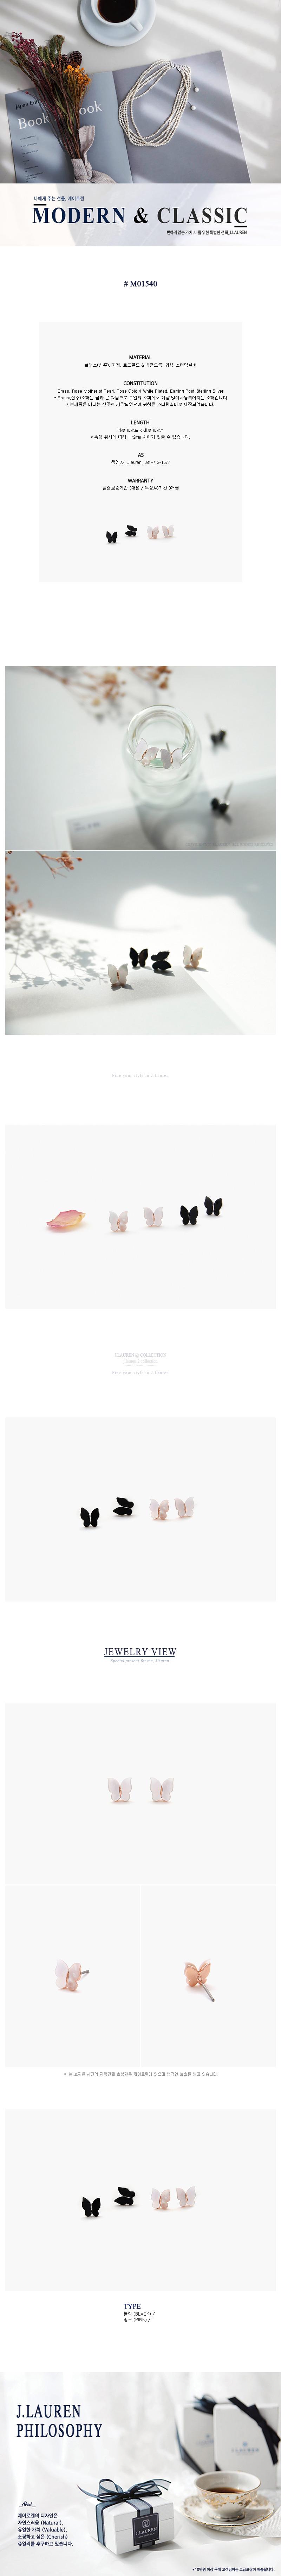 제이로렌 9M01540 크림빛 컬러감 자개 나비귀걸이 - 바이데이지, 16,000원, 진주/원석, 볼귀걸이